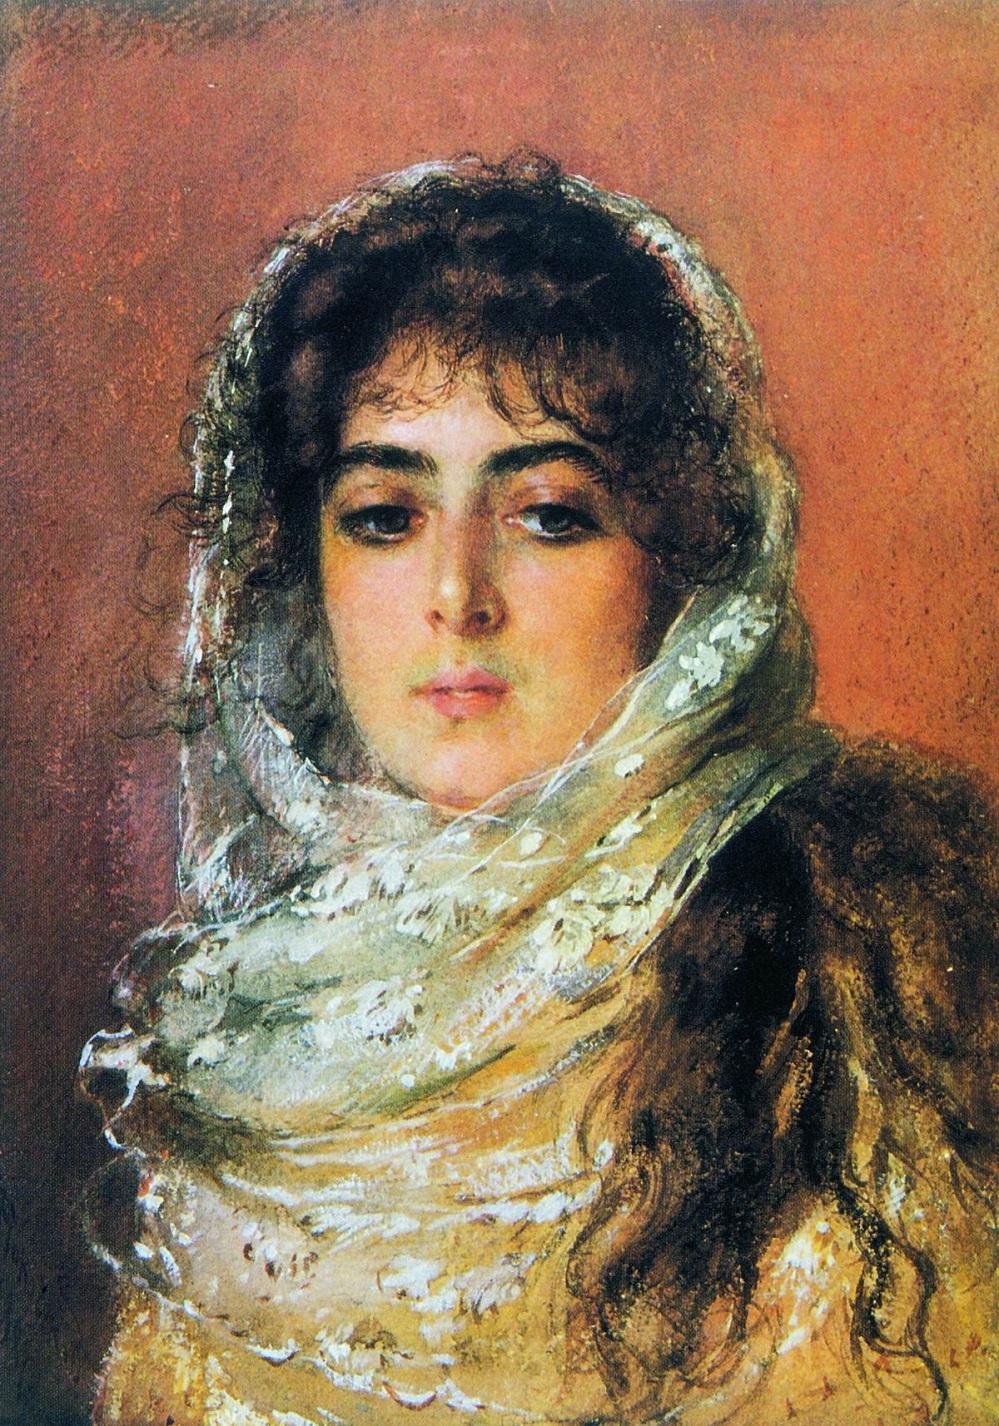 Портрет жены художника Ю.П.Маковской. 1887. Частное собрание